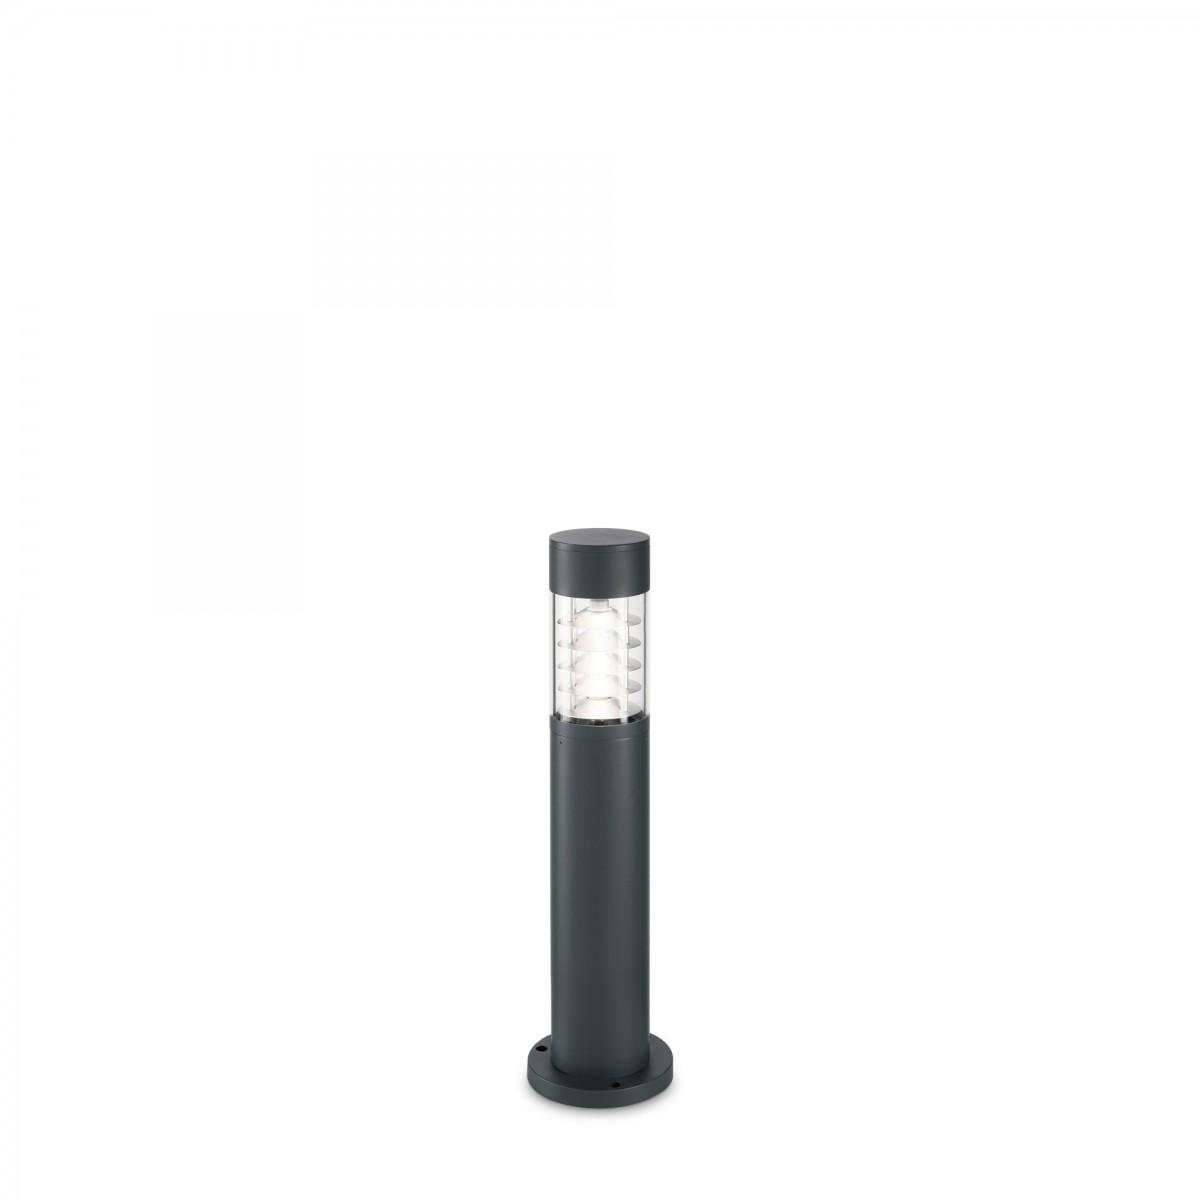 Ideal Lux 248233 venkovní sloupkové svítidlo Tronco 1x60W | E27 | IP54 - antracit